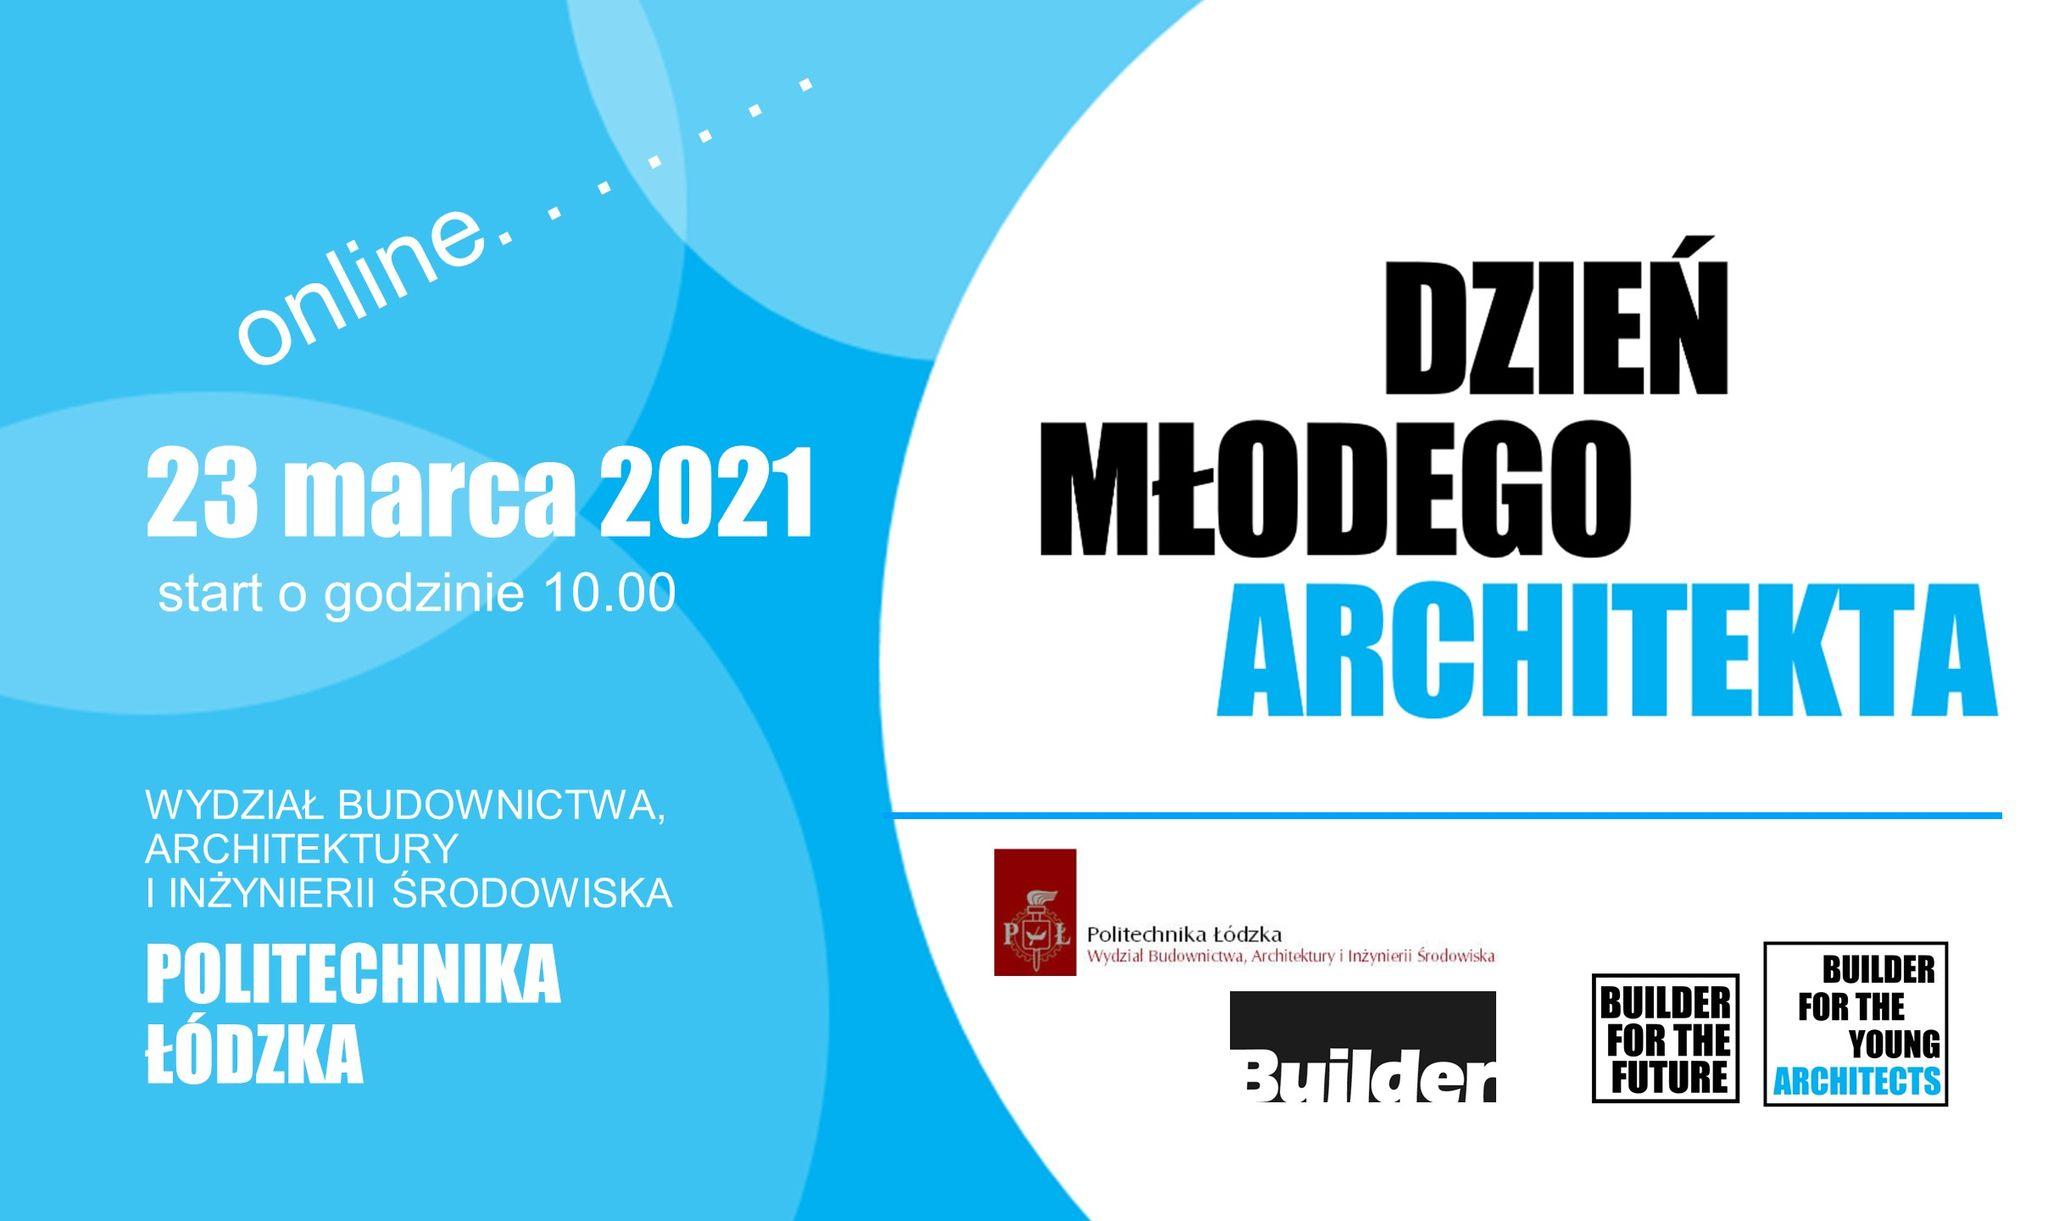 Dzień Młodego Architekta